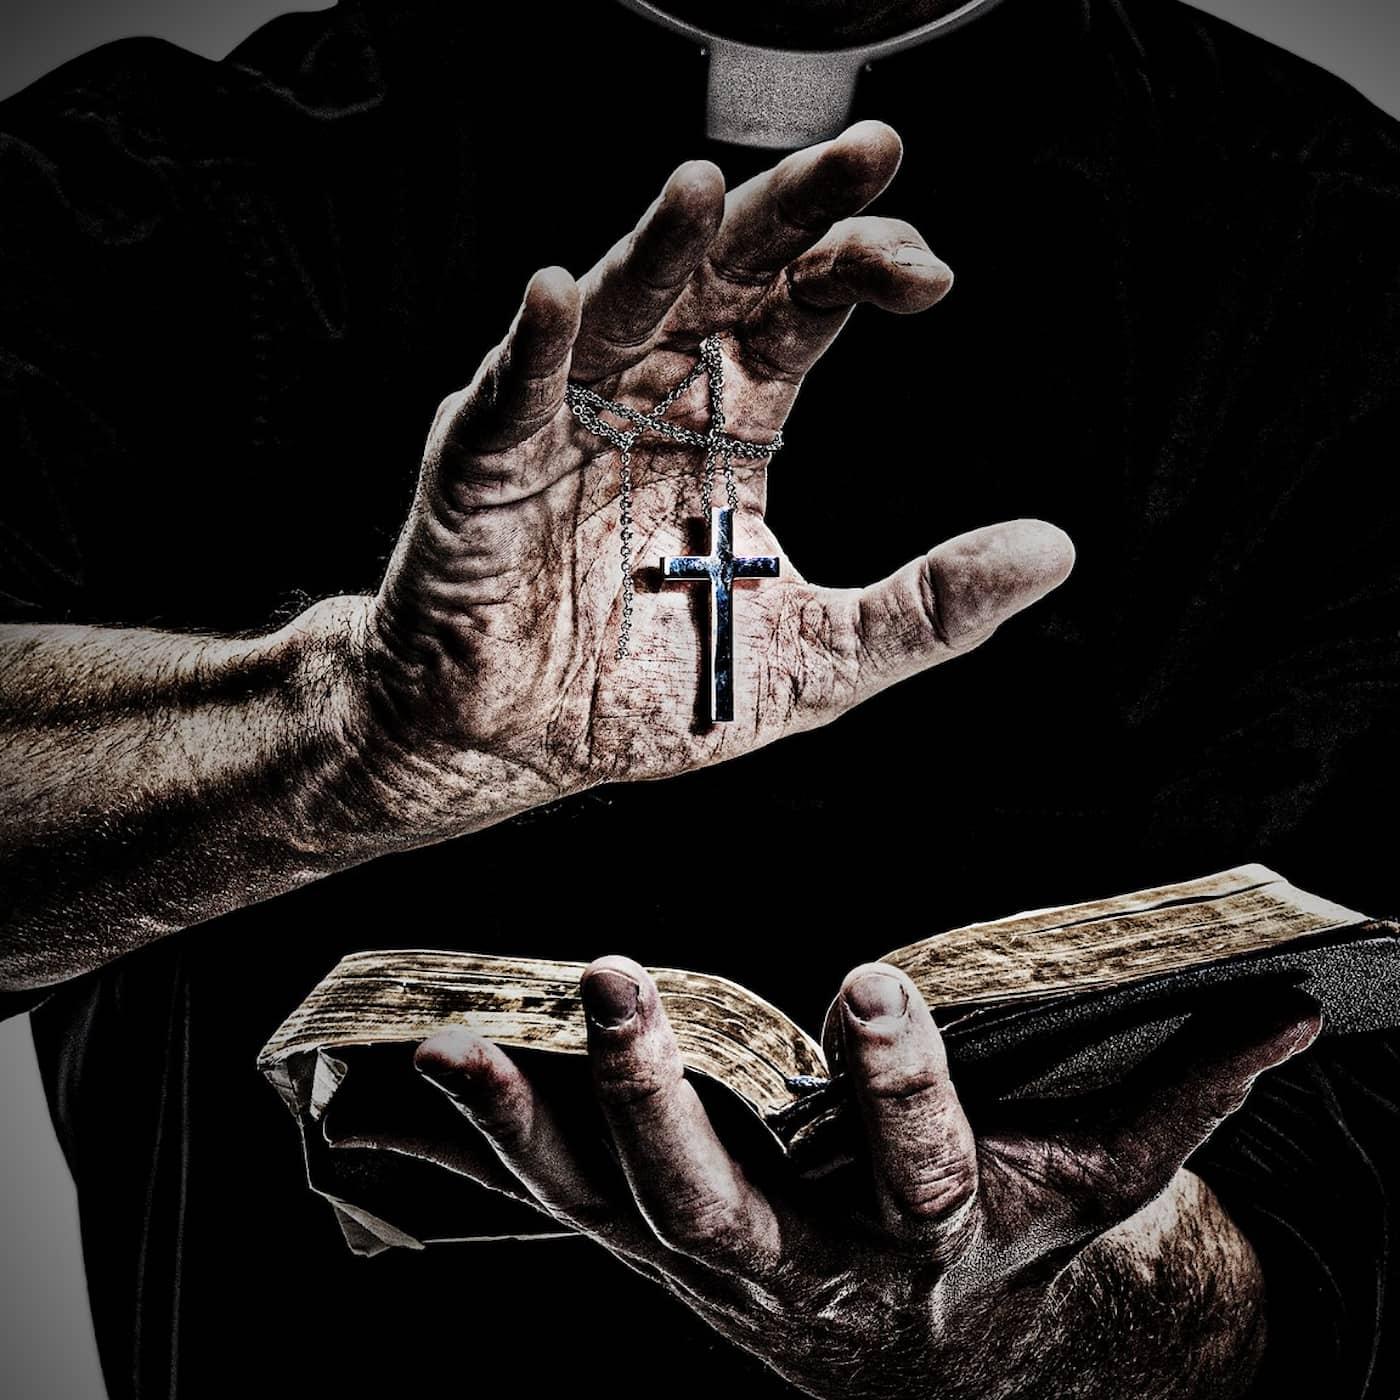 Del 7 av 8. Exorcismen i Eksjö – Demonens namn